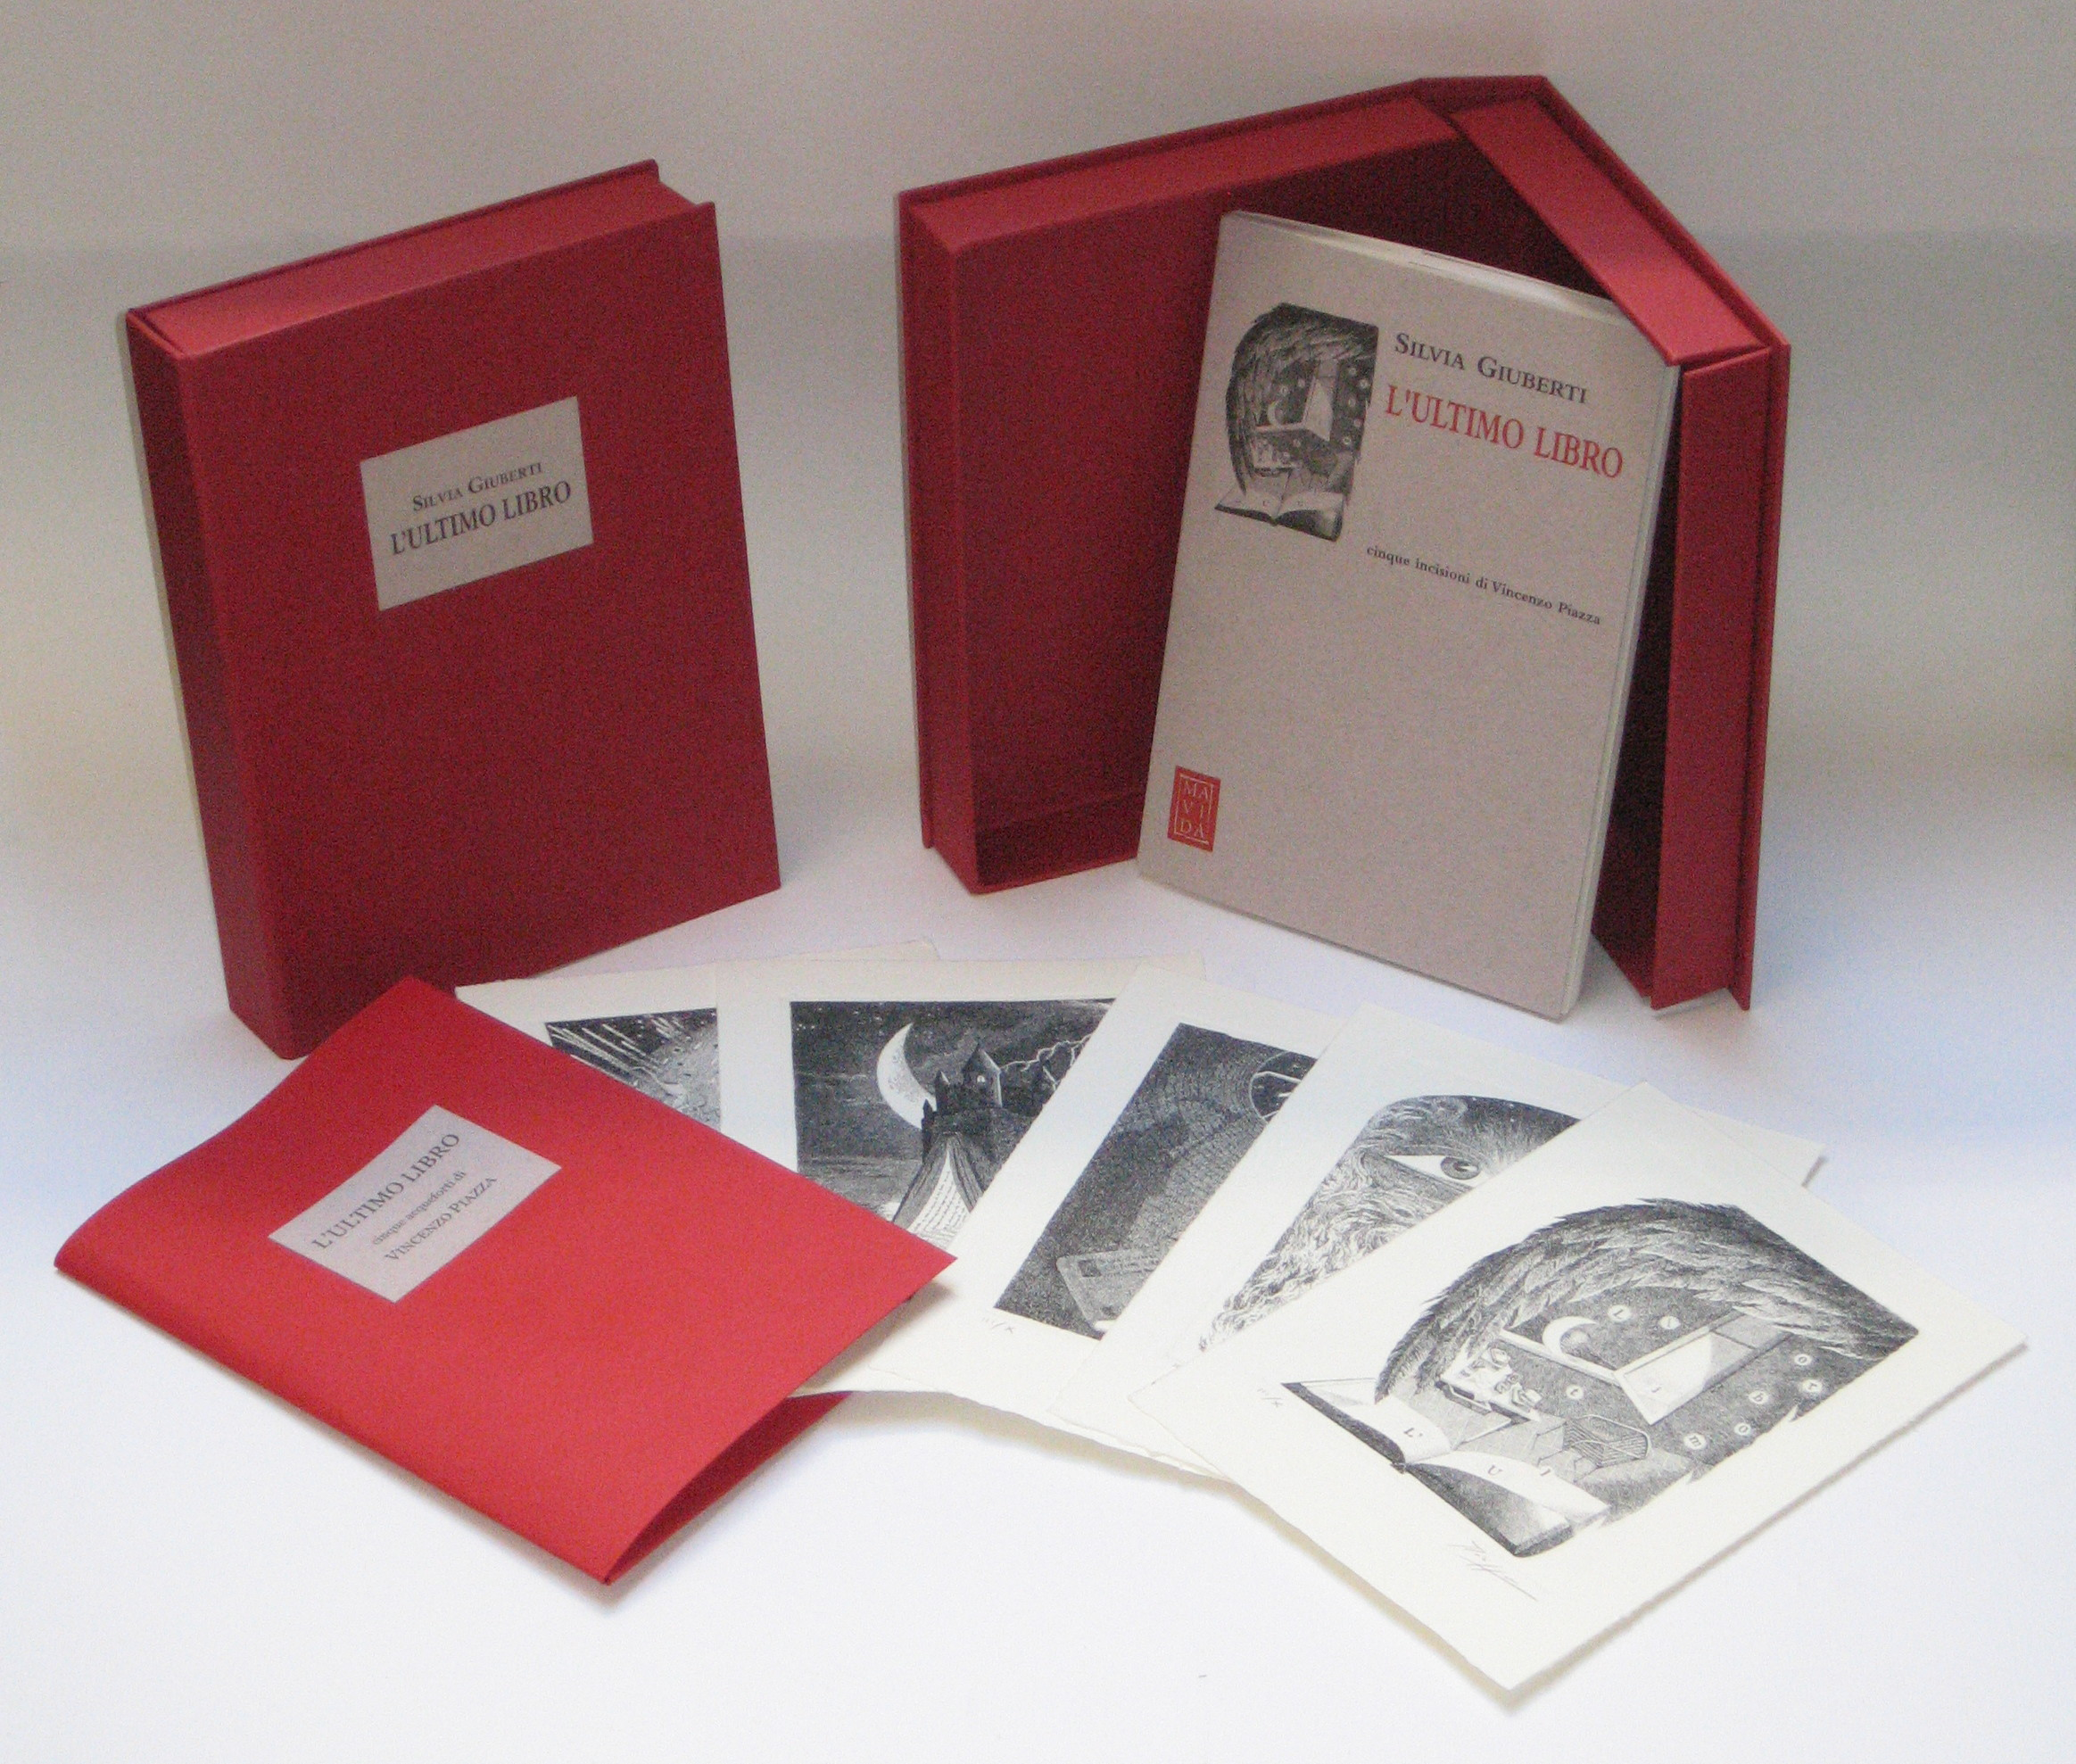 Silvia Giuberti / Vincenzo Piazza: L'ultimo libro (Mavida, 2007)